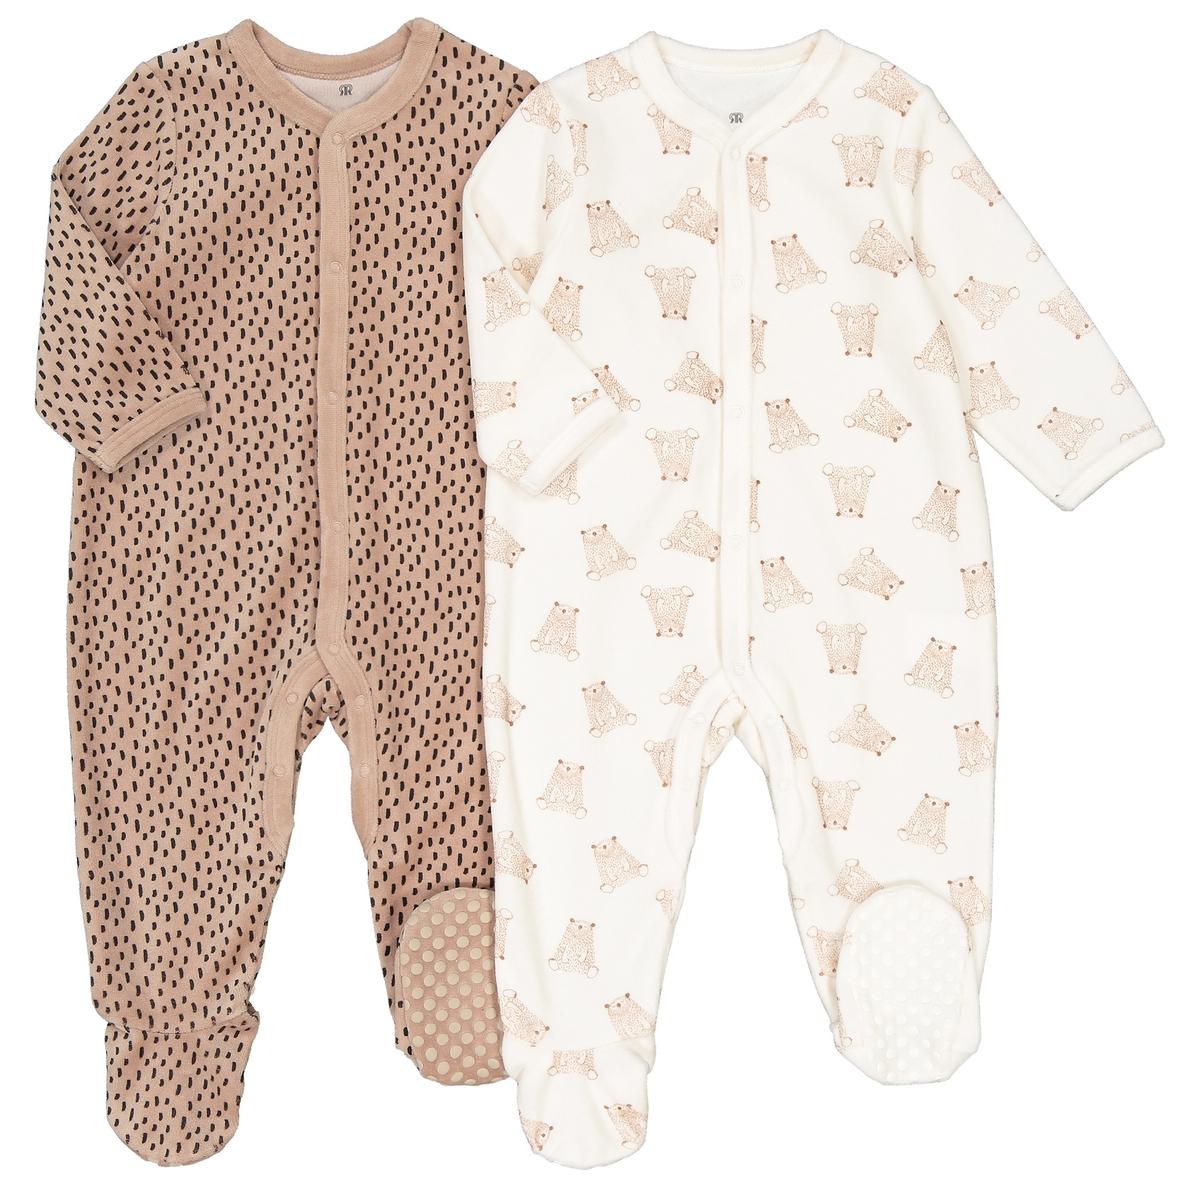 Пижамы La Redoute Для новорожденных мес - года рожденные раньше срока - 45 см каштановый комплект из боди для la redoute новорожденных мес года рожденные раньше срока 45 см разноцветный